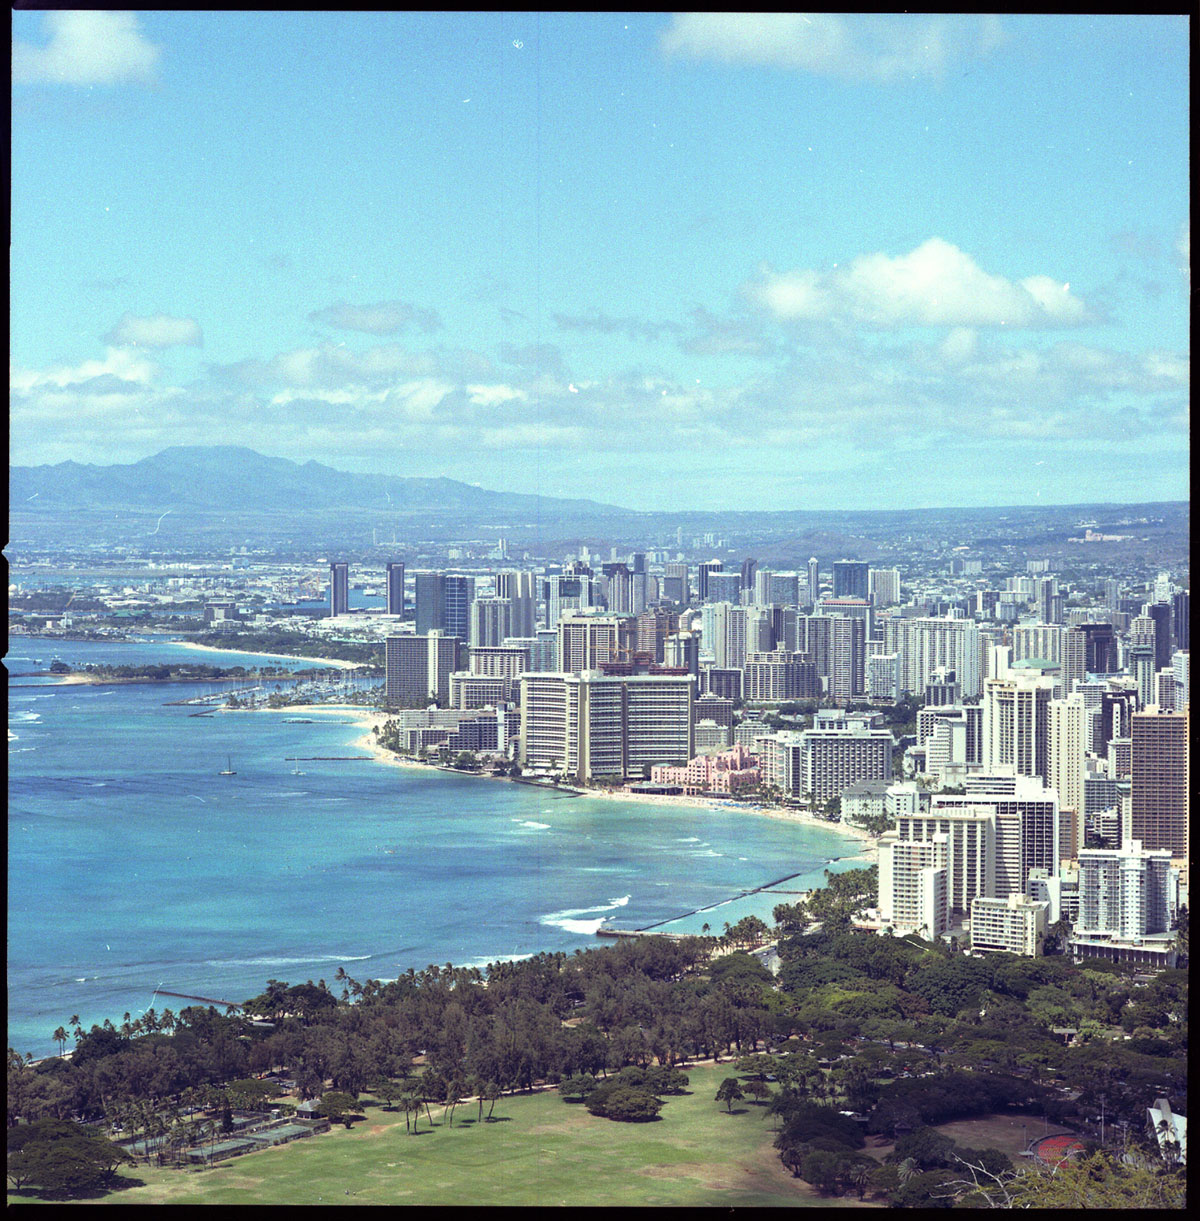 Waikiki, HI - 2008